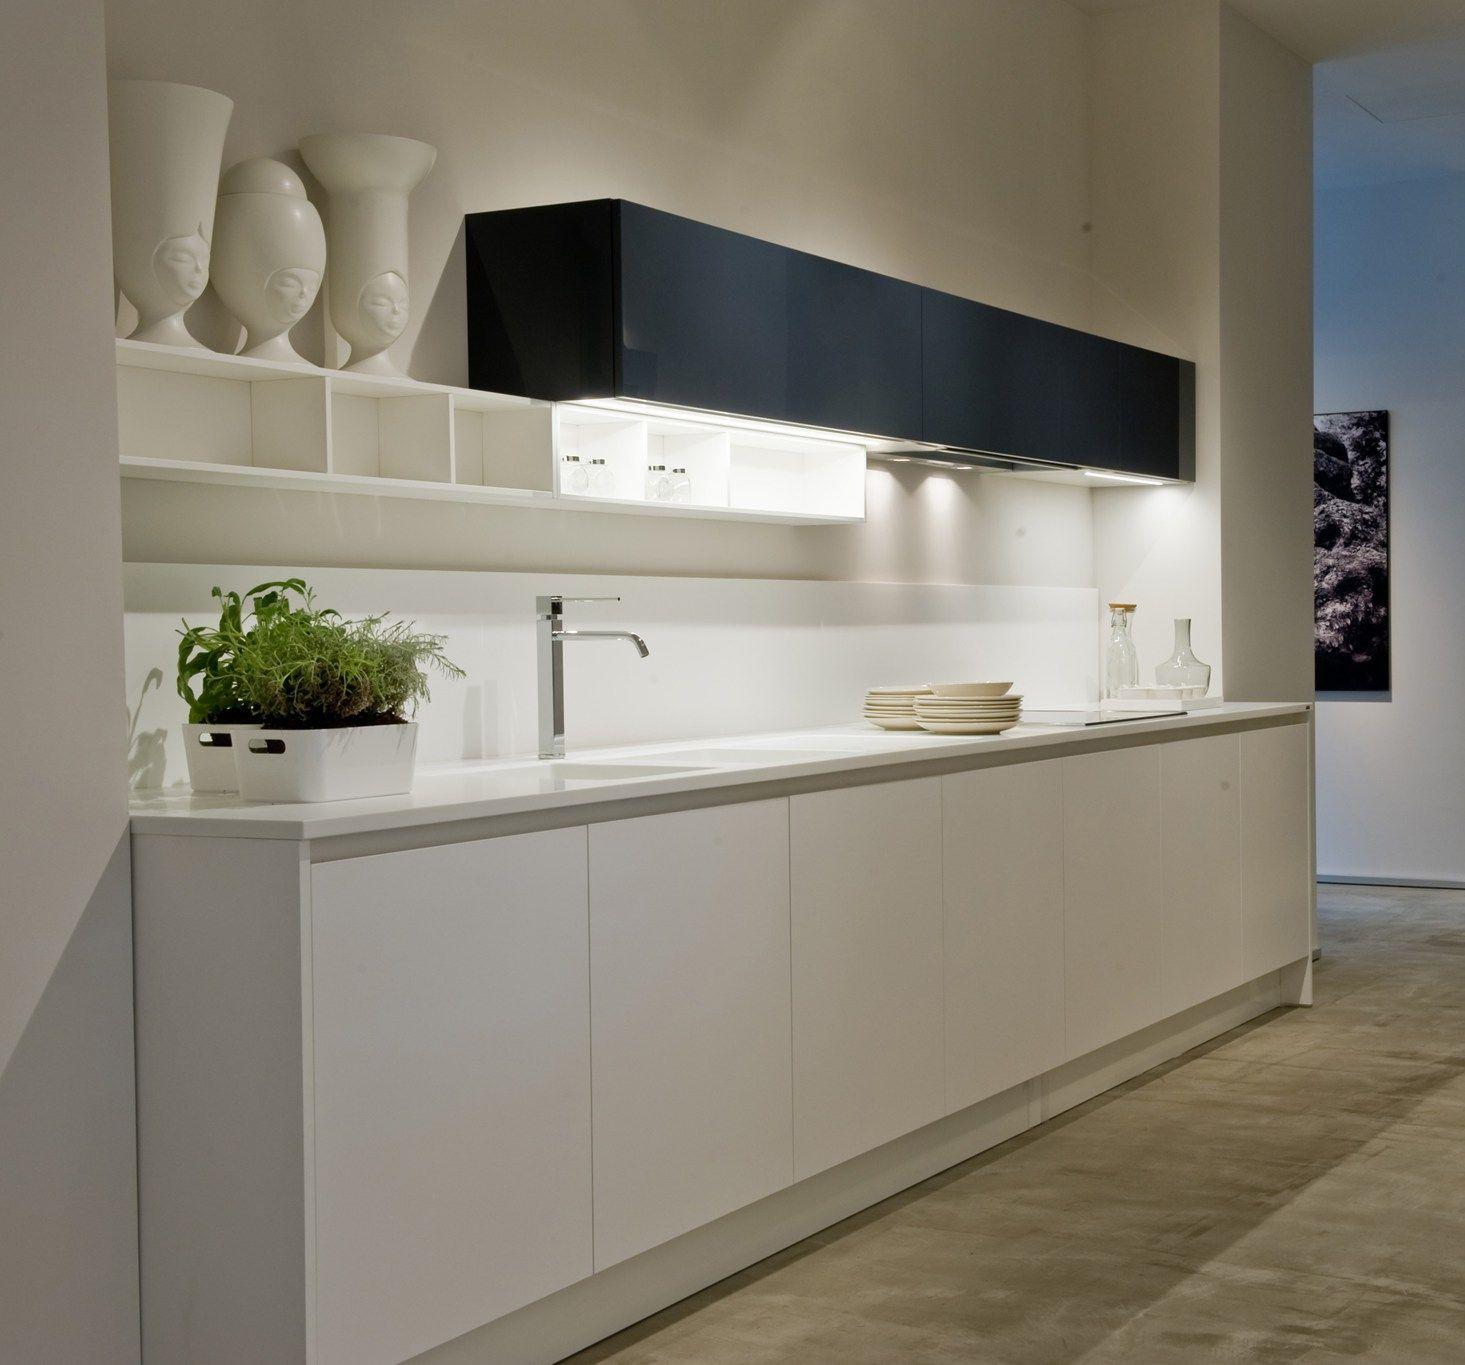 Ernestomeda inaugura il nuovo showroom di bari for Ernestomeda cucine